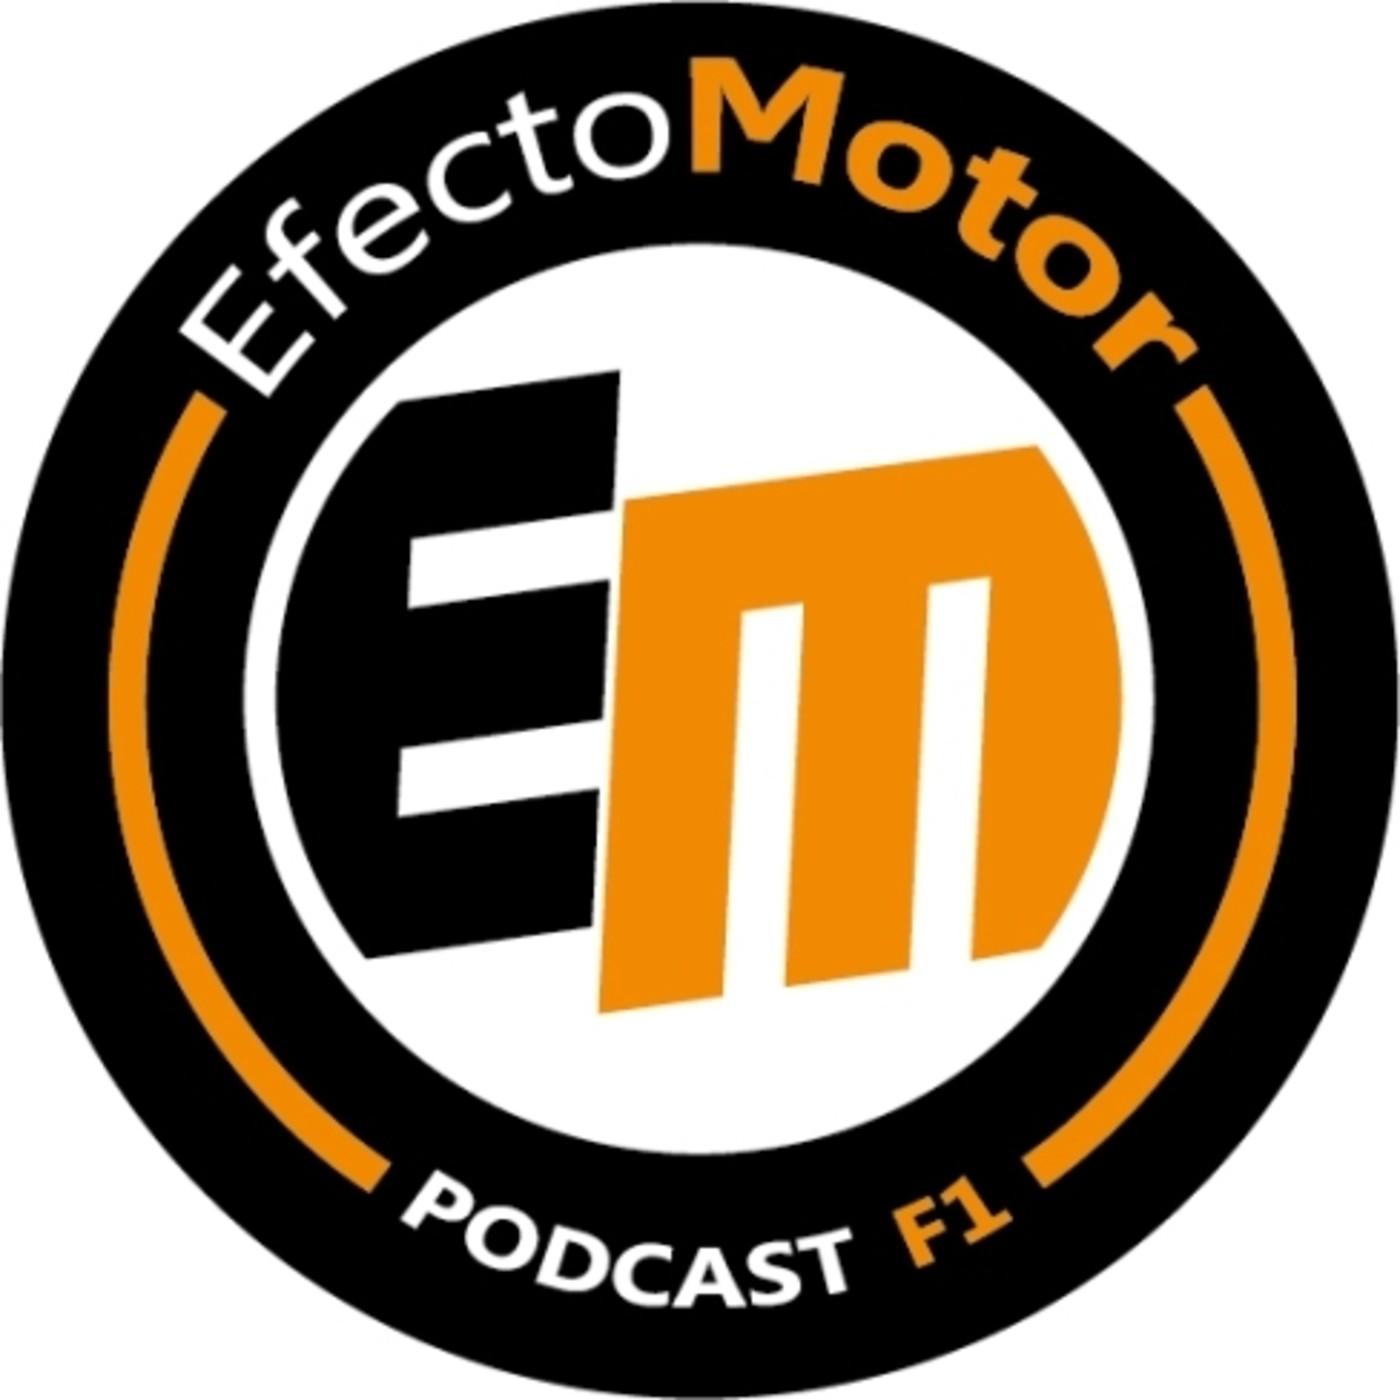 Podcast F1 nº 113 Análisis #GPMonaco y algo llamado #Indy500 ...